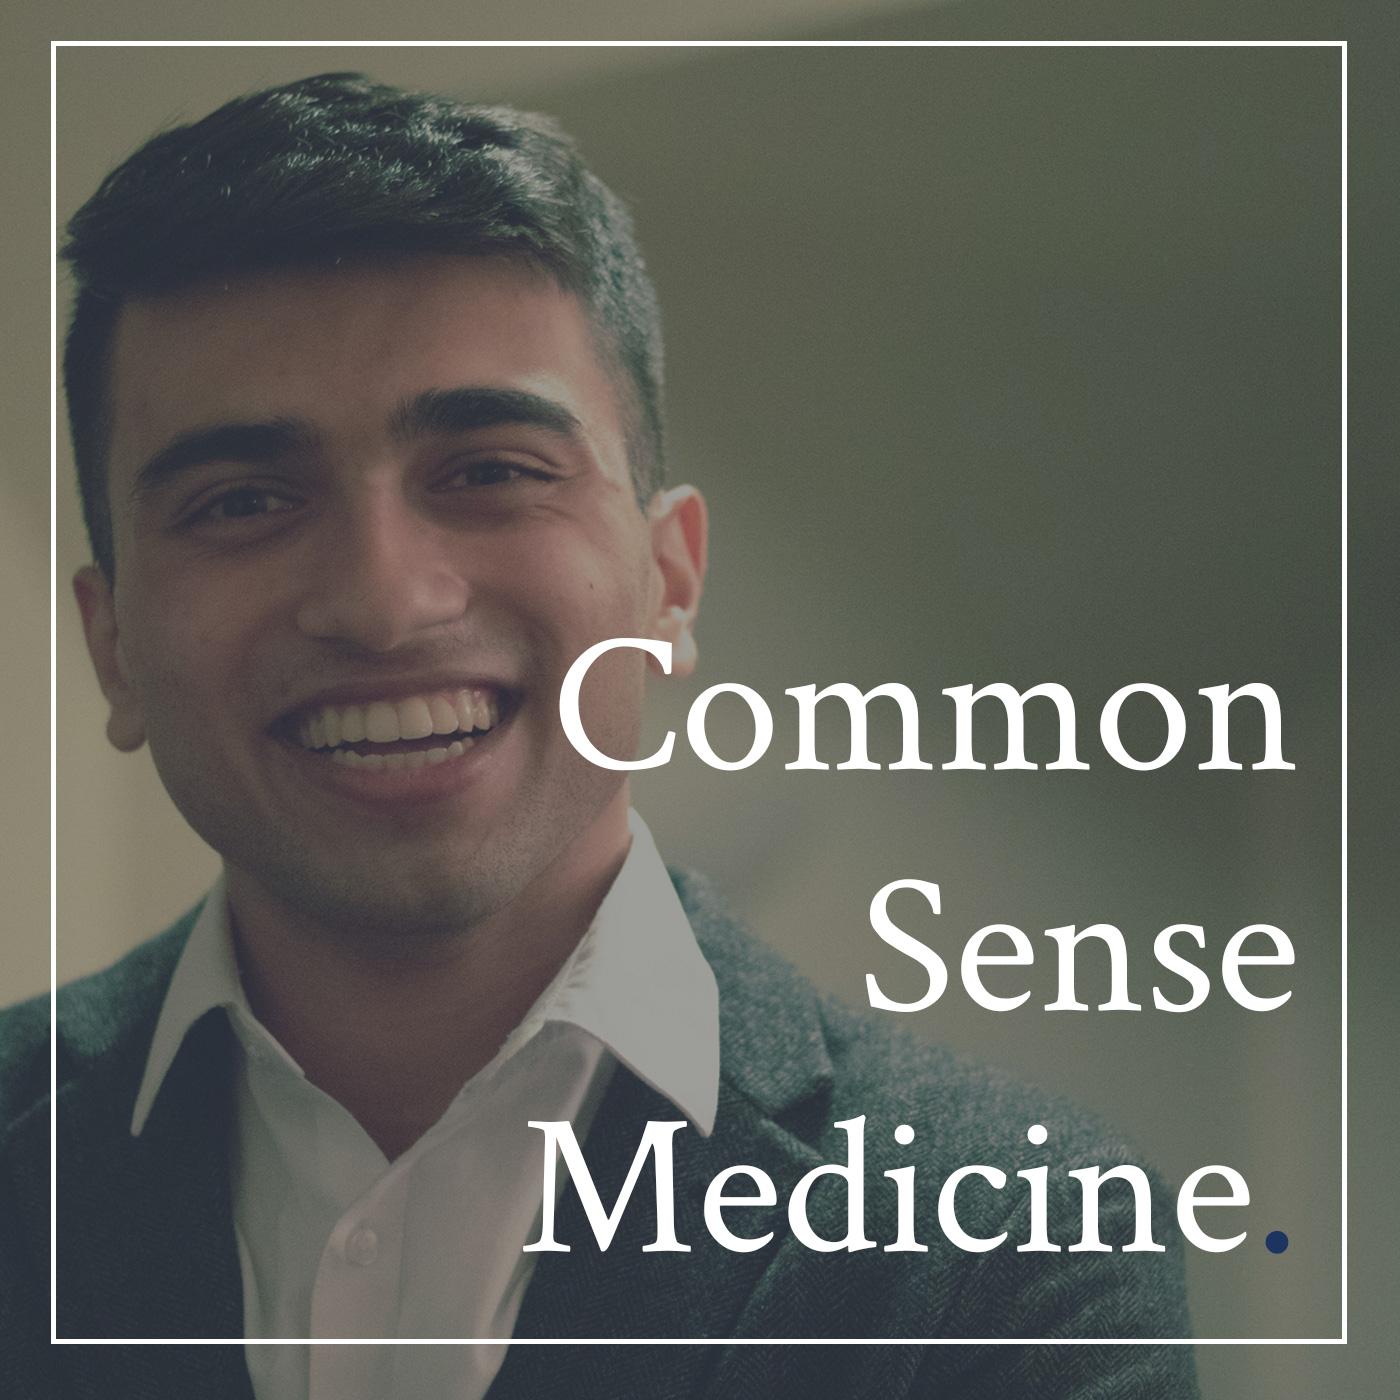 Common Sense Medicine podcast show image